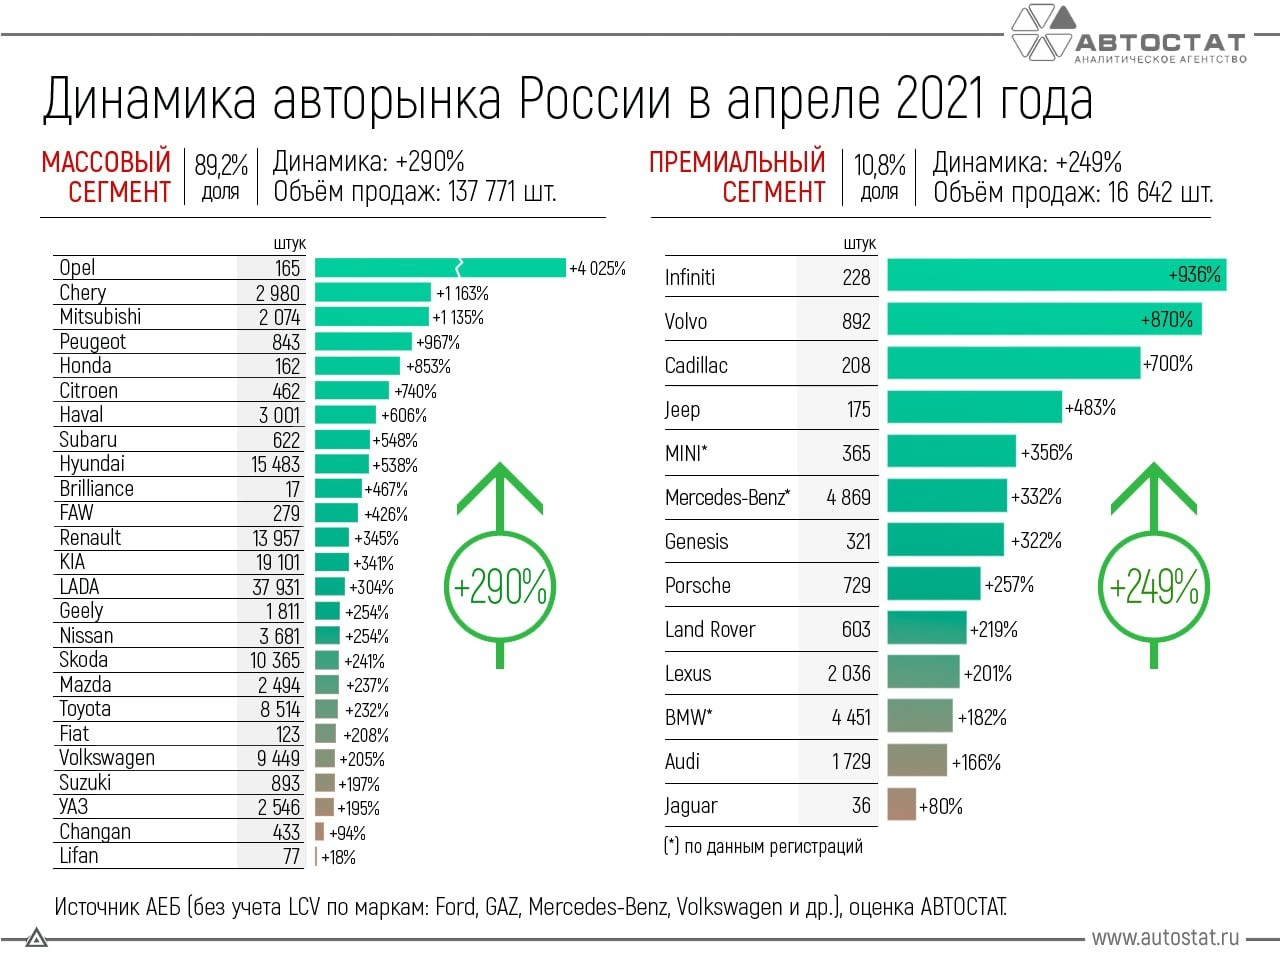 Динамика авторынка в России в апреле 2021 г